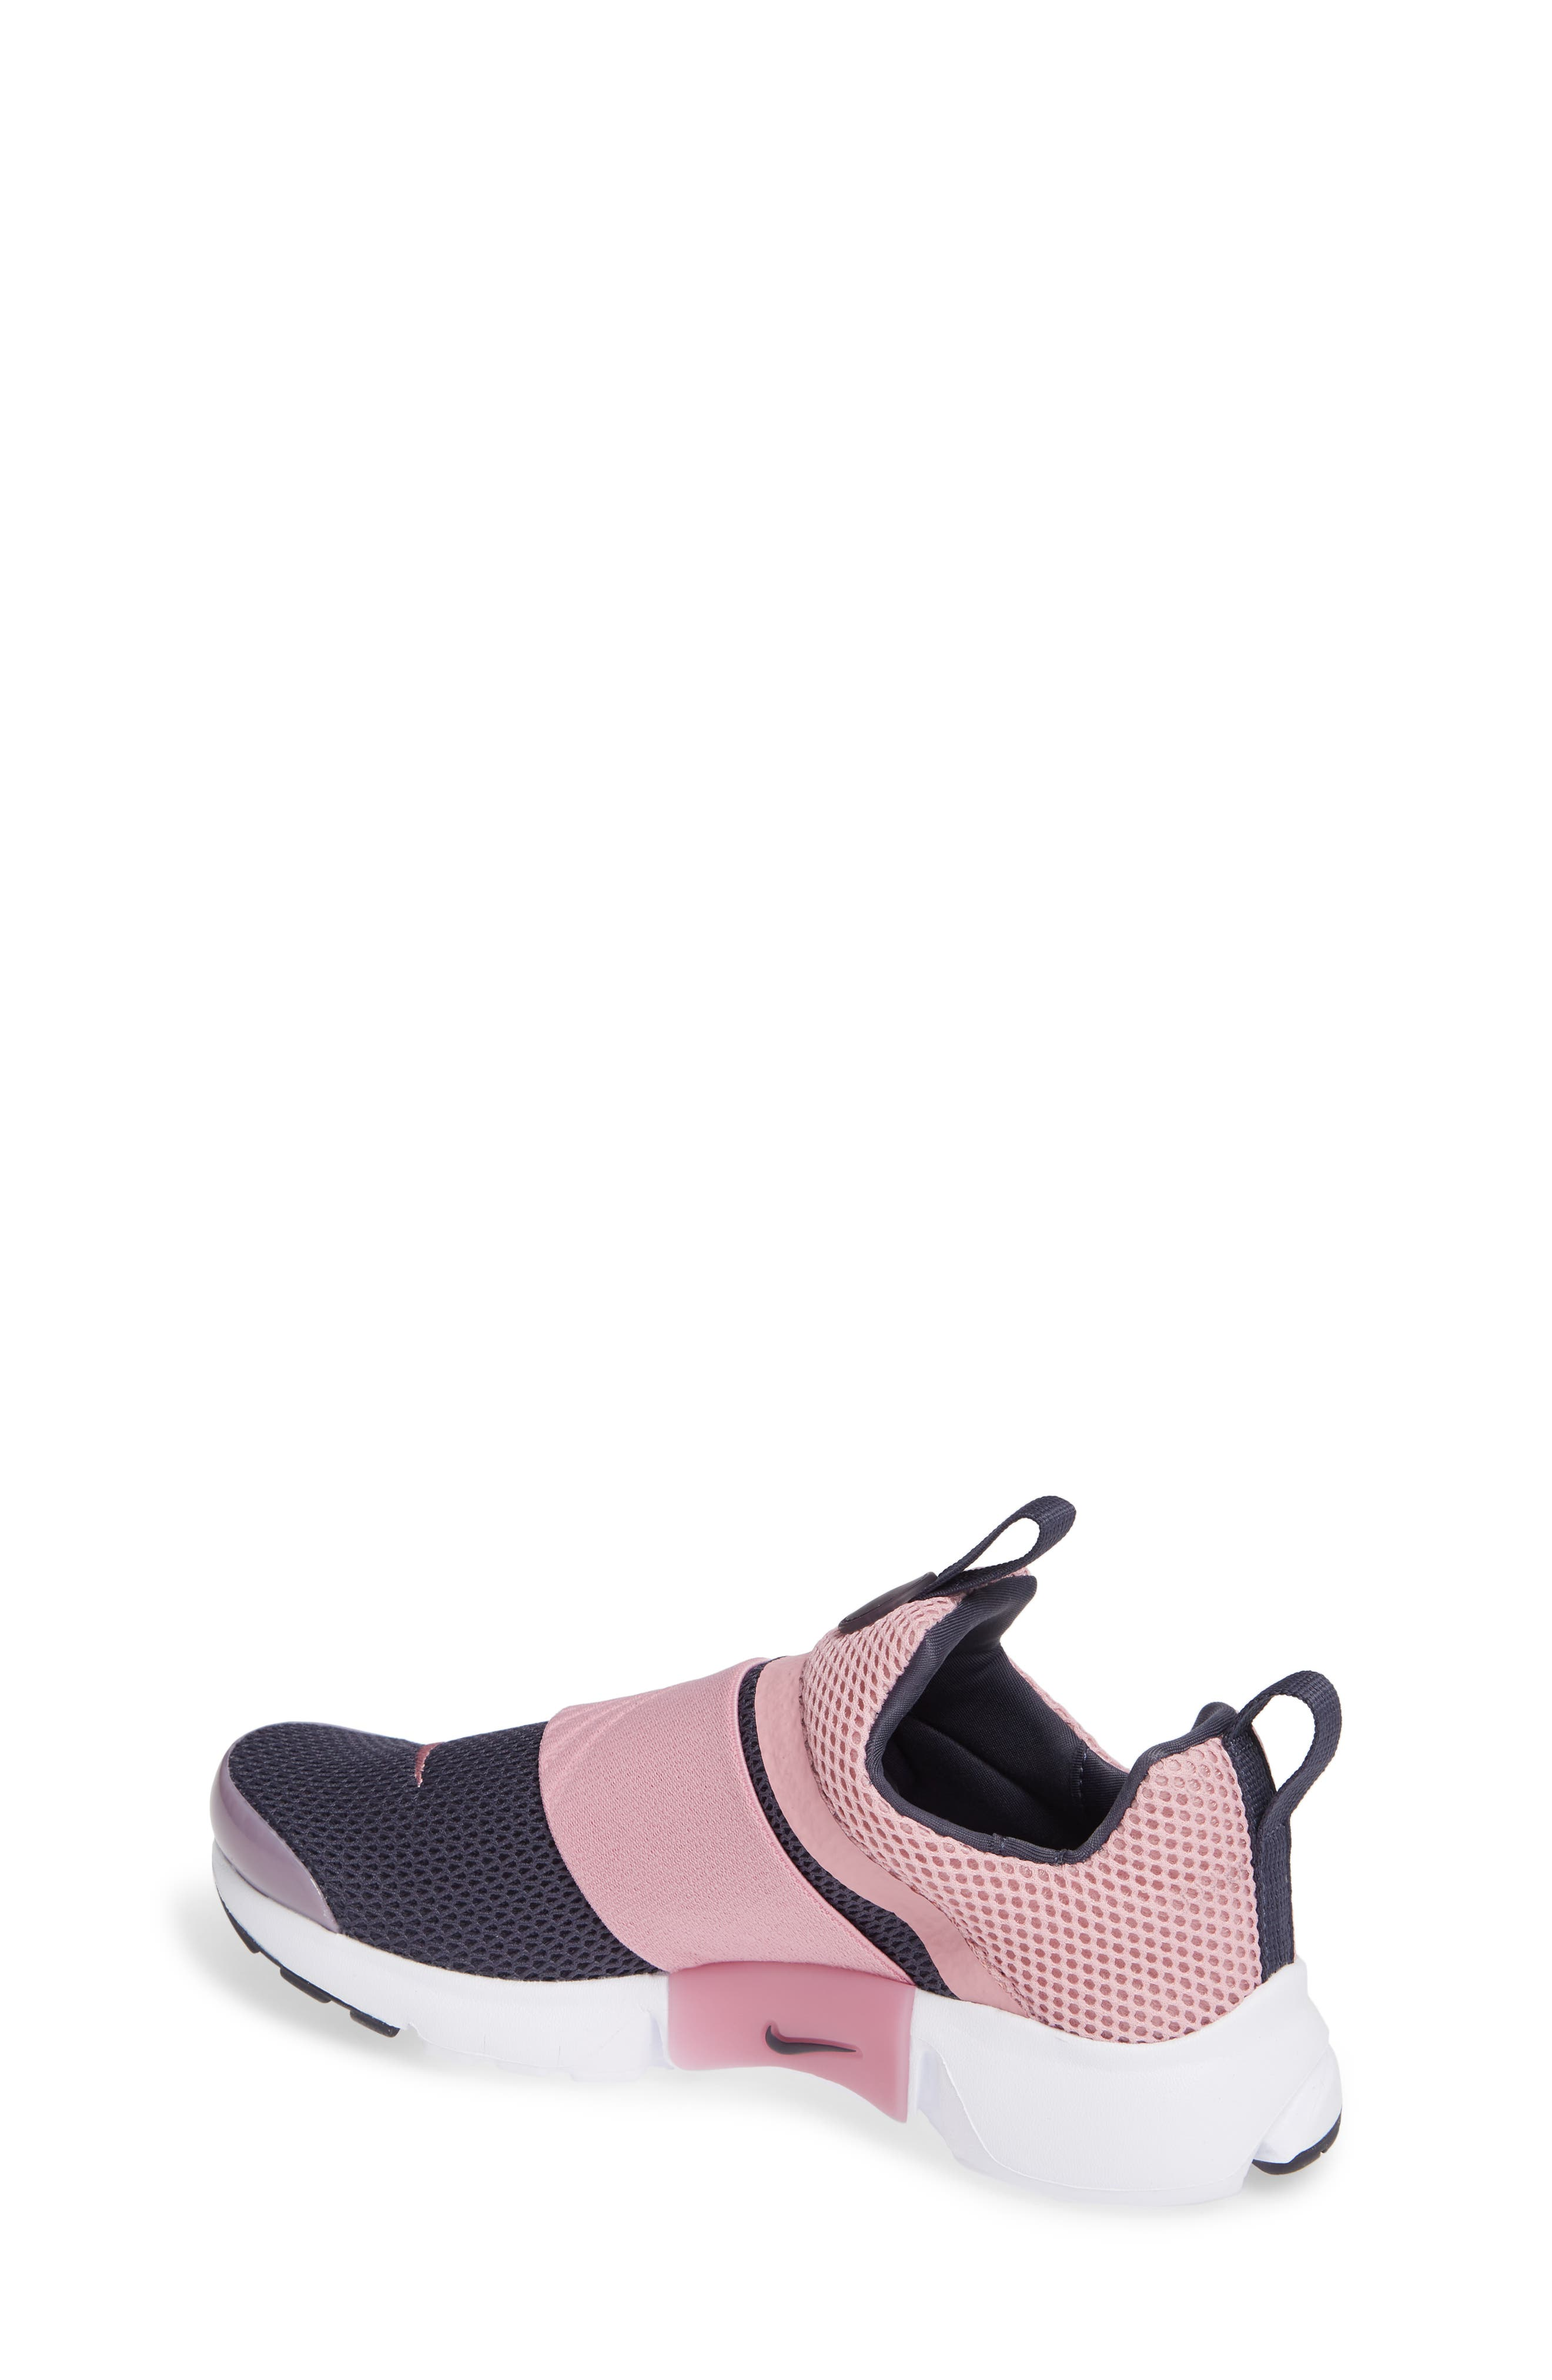 Presto Extreme Sneaker,                             Alternate thumbnail 2, color,                             Elemental Pink/ Gridiron